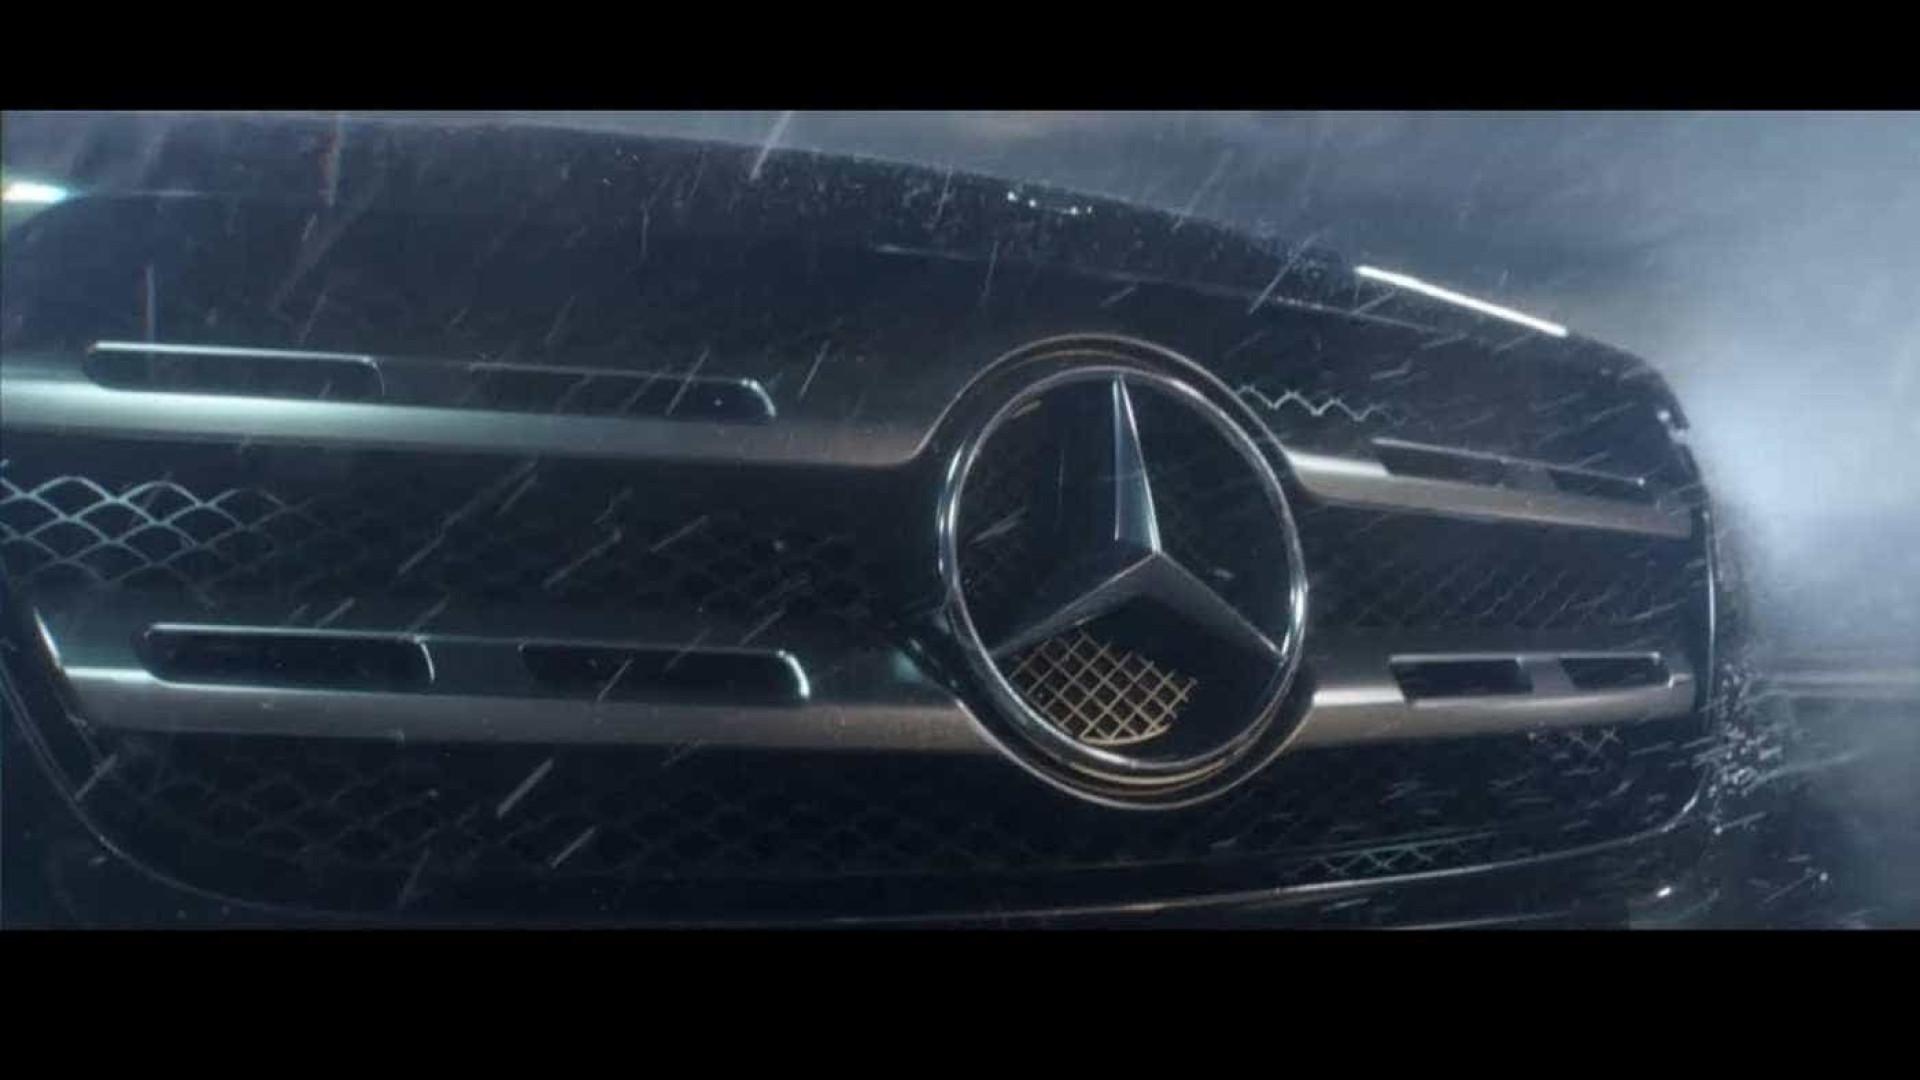 Mercedes-Benz Classe X: As imagens que lhe vão abrir o 'apetite'